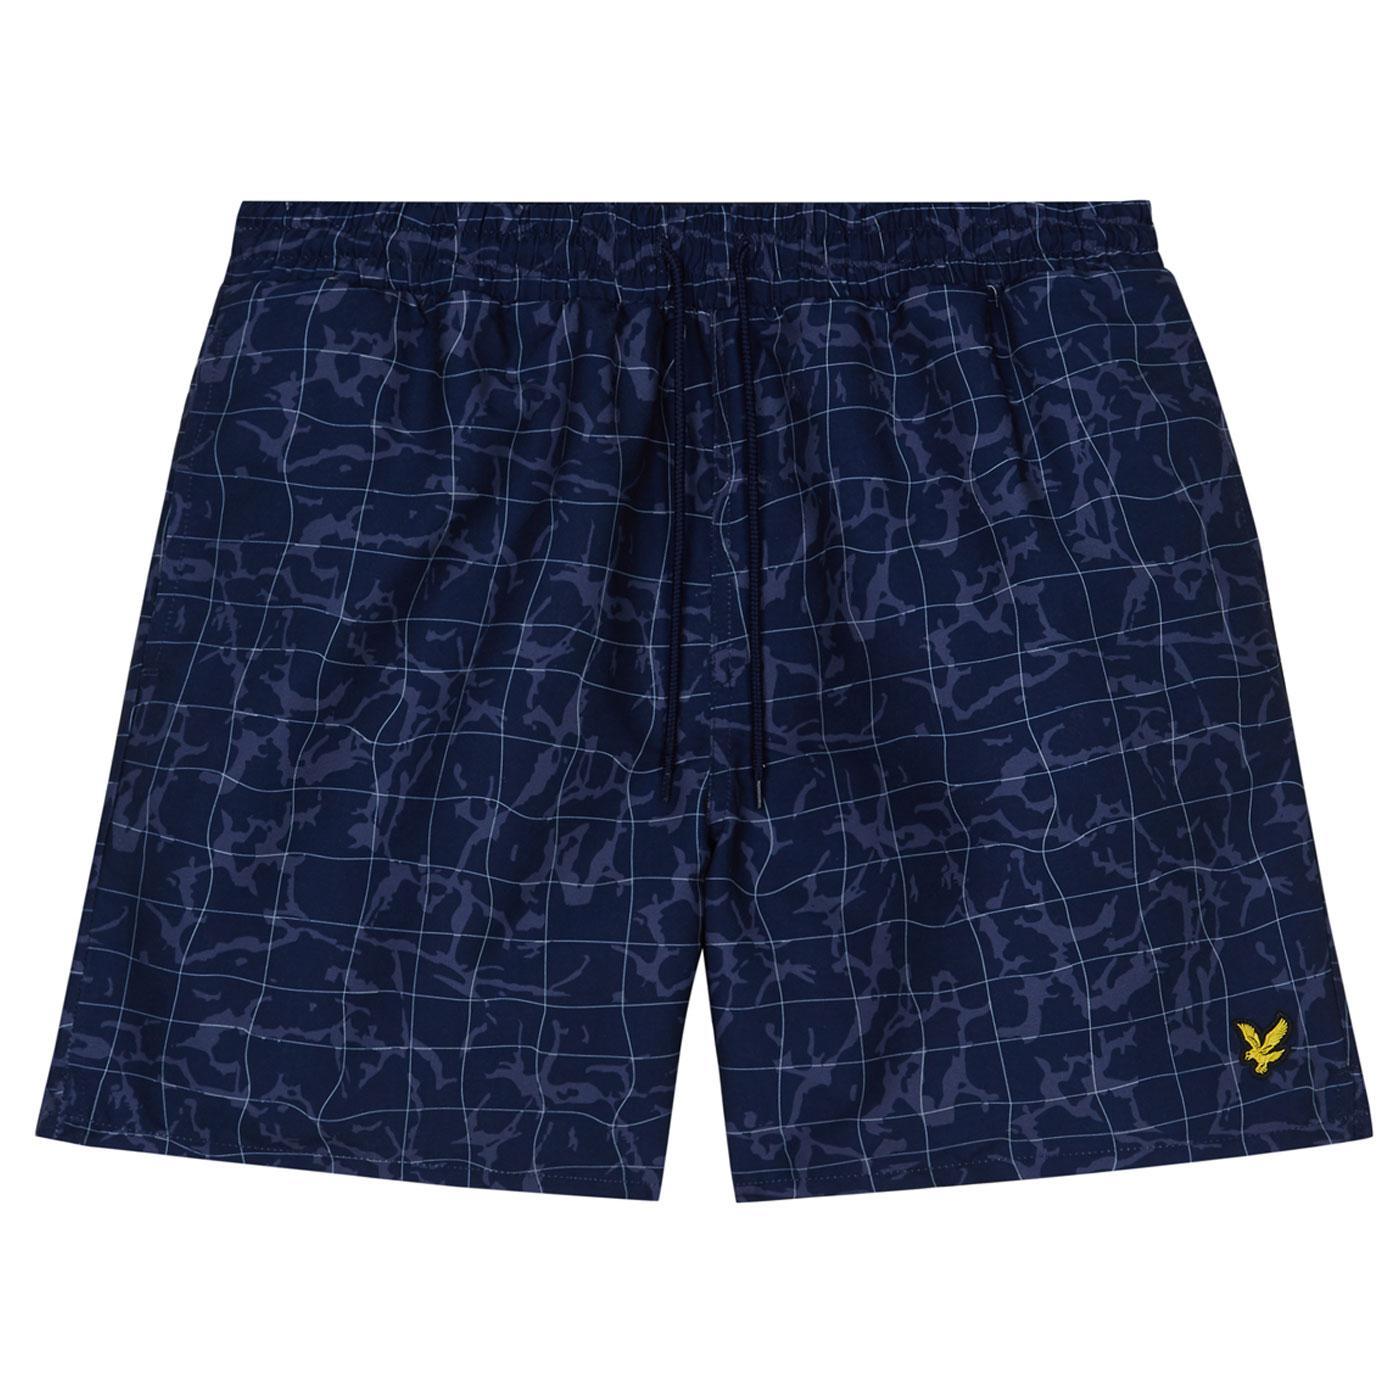 LYLE & SCOTT Retro Navy Pool Print Swim Shorts